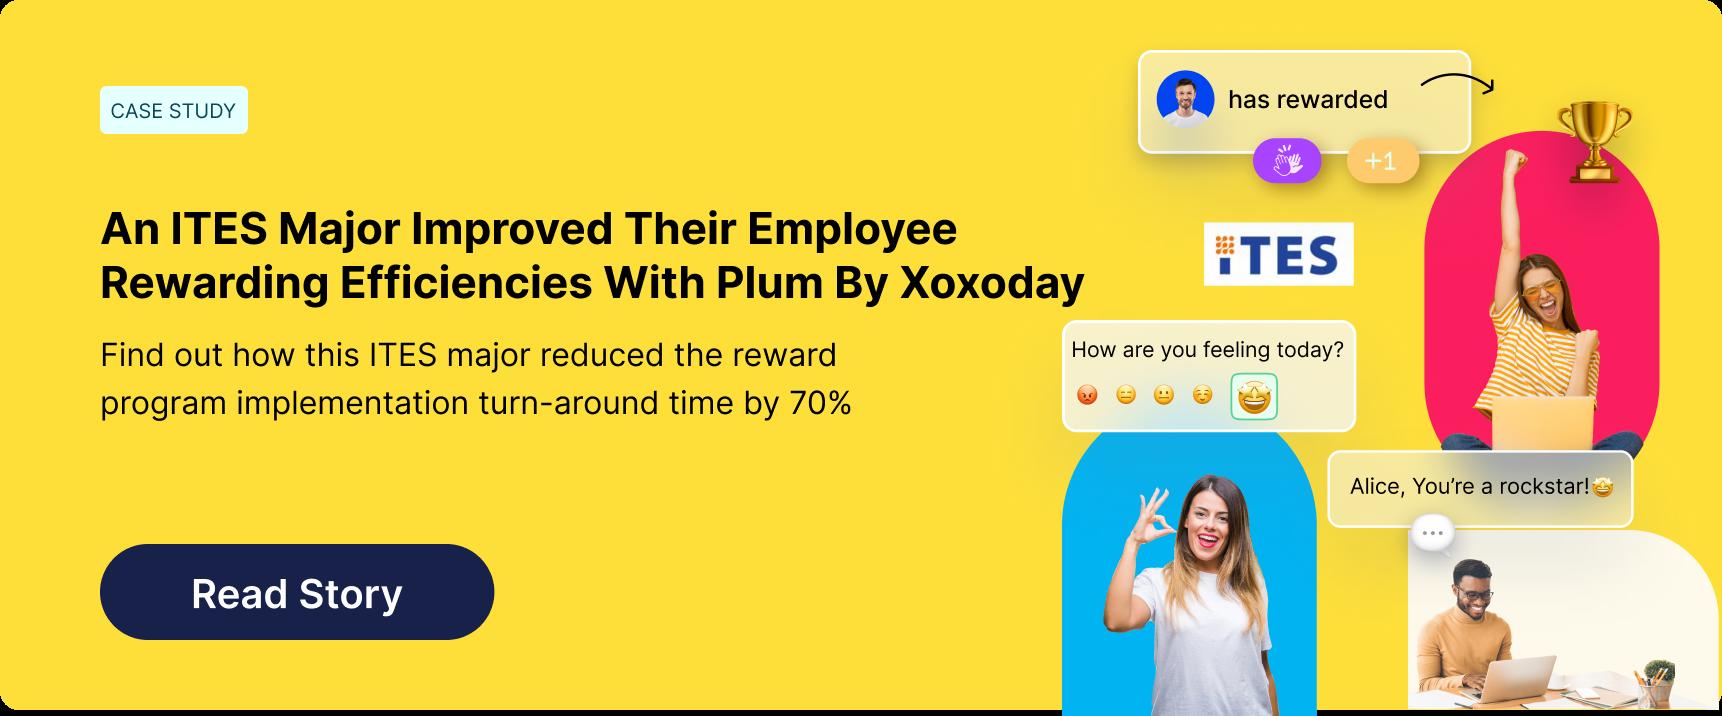 Employee Rewarding